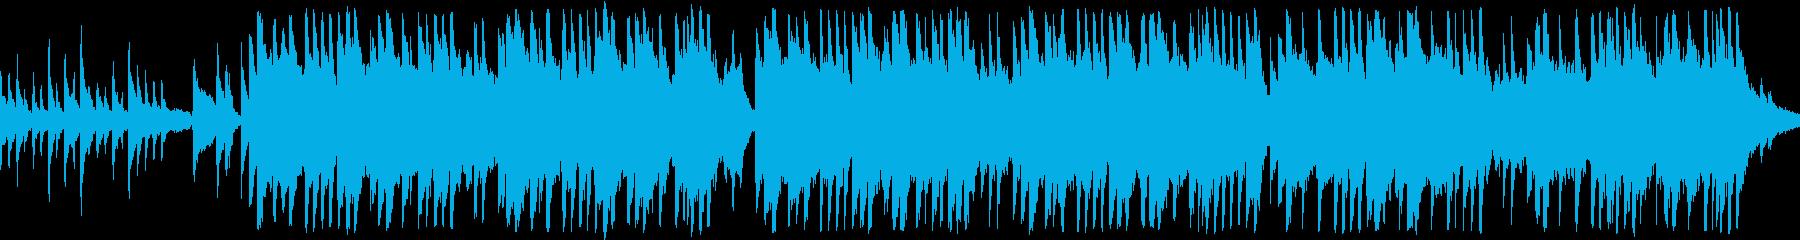 涙と感動の箏のメロディー 和風 ループの再生済みの波形